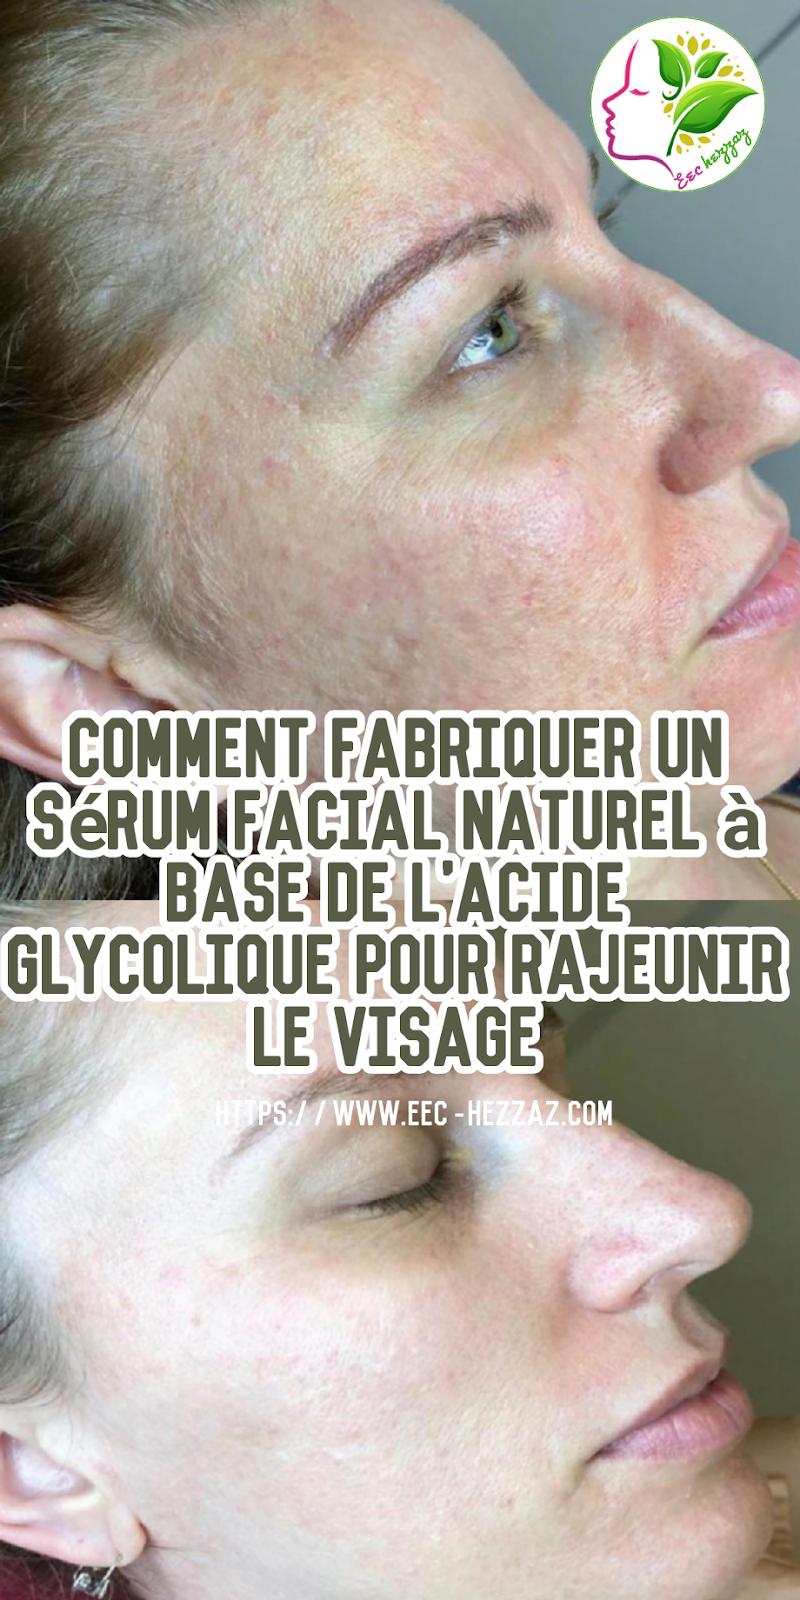 Comment fabriquer un sérum facial naturel à base de l'acide glycolique pour rajeunir le visage